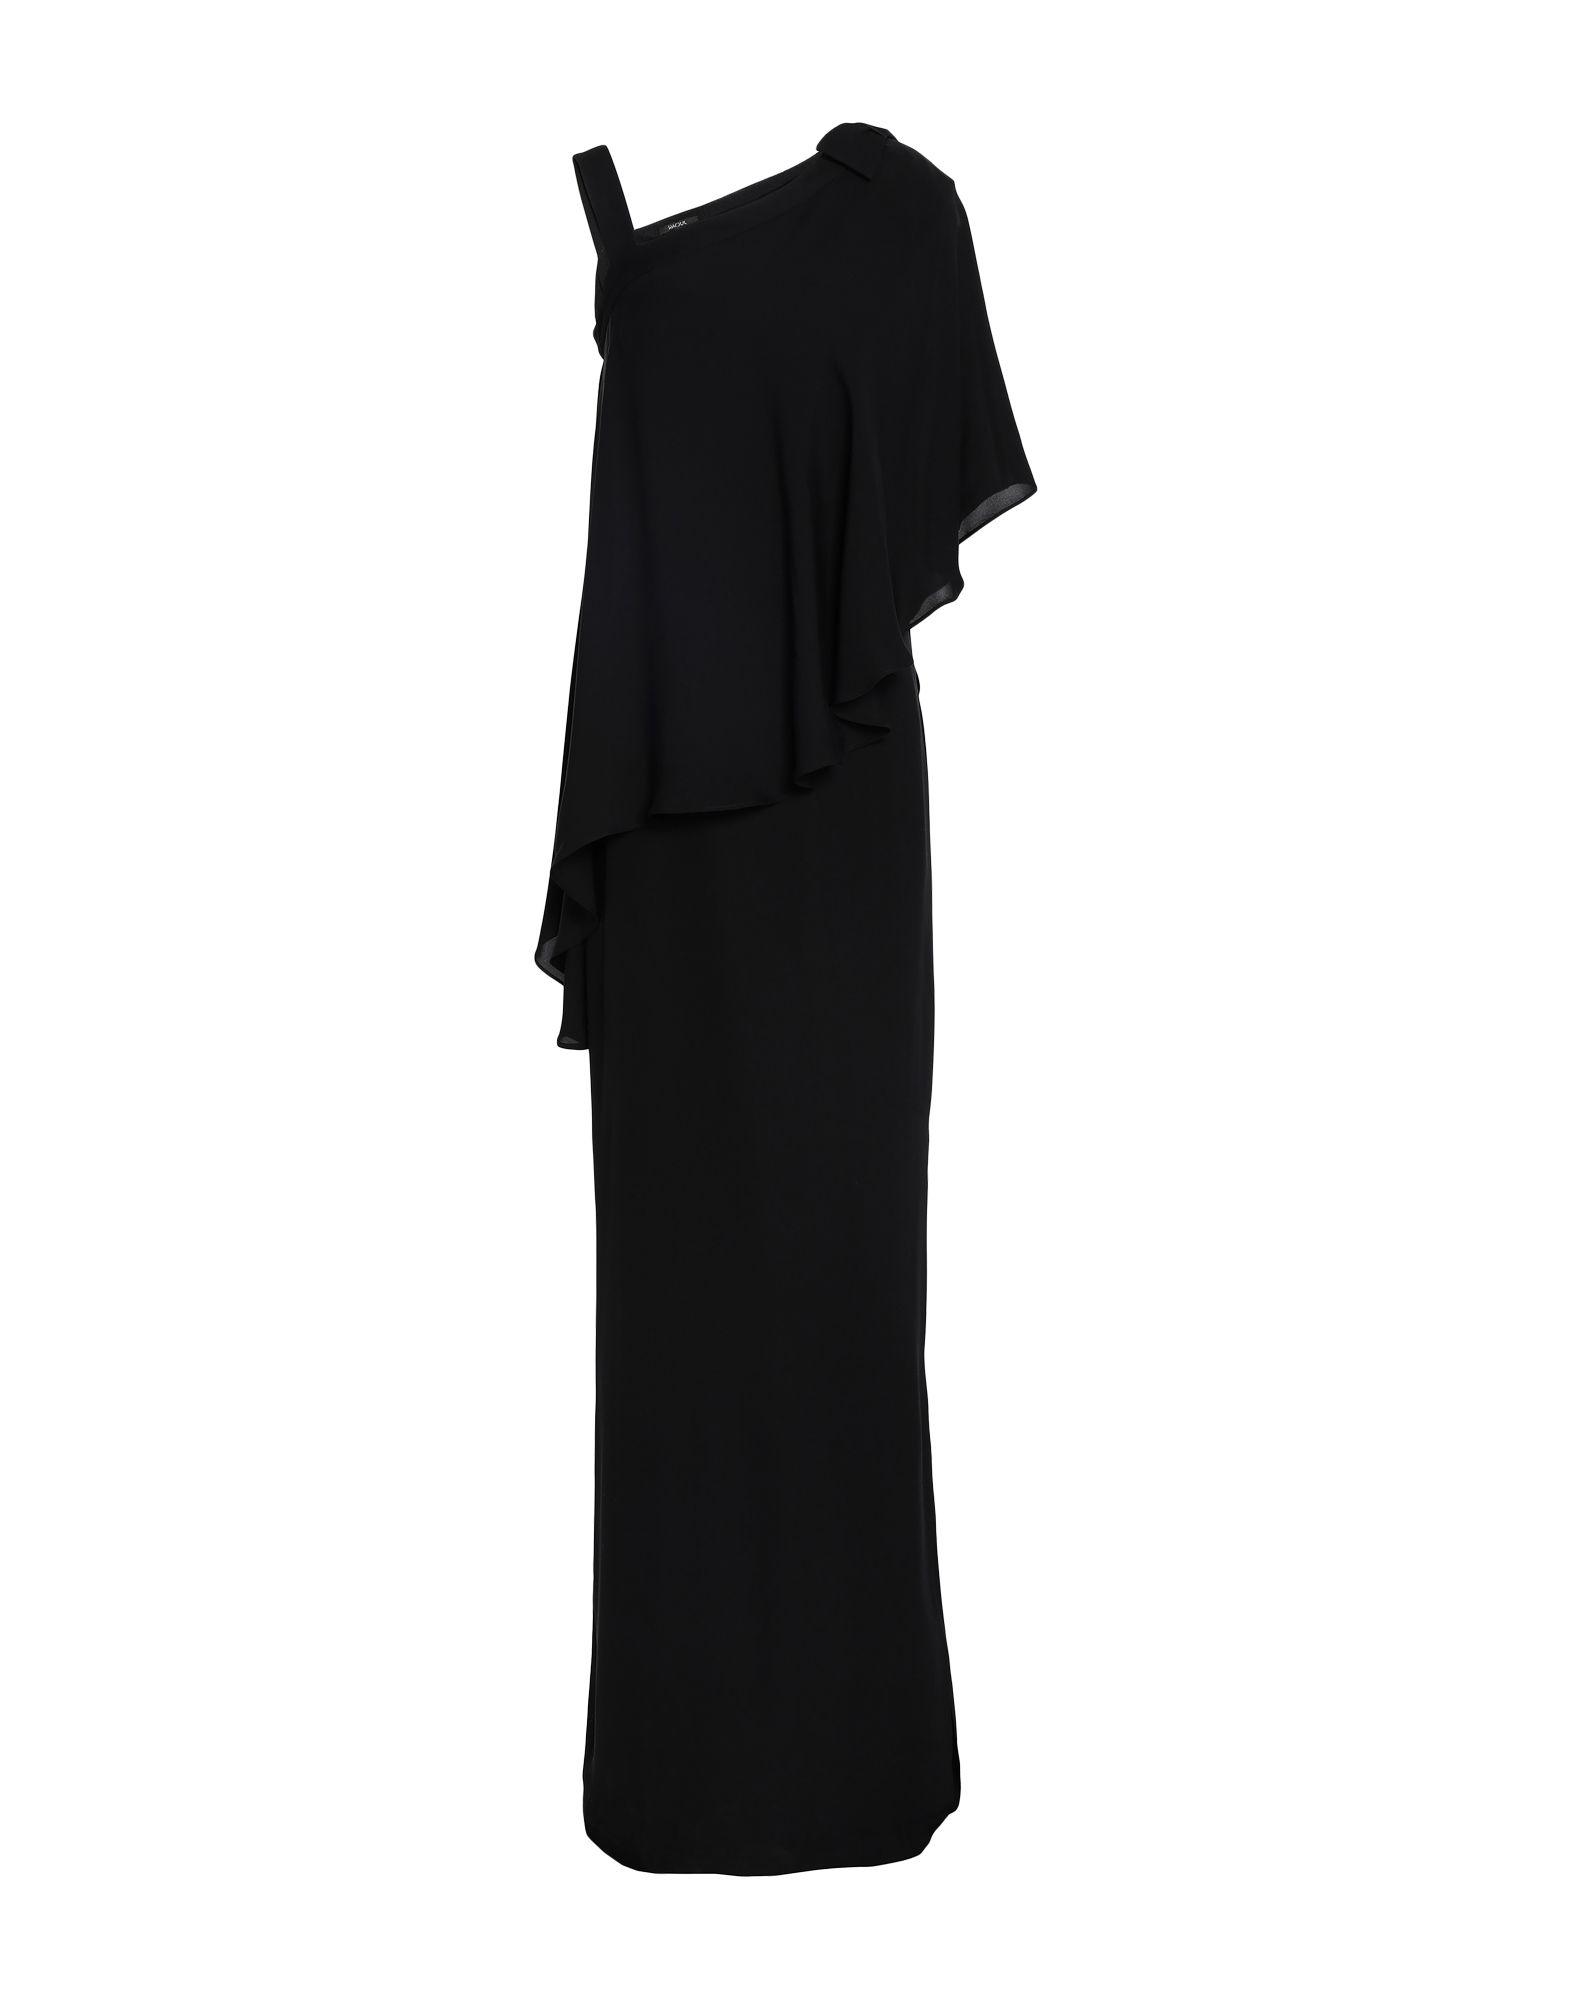 RAOUL Длинное платье 923 зима полный дрель бархат вечернее платье длинное плечо банкет тост одежды тонкий тонкий хост